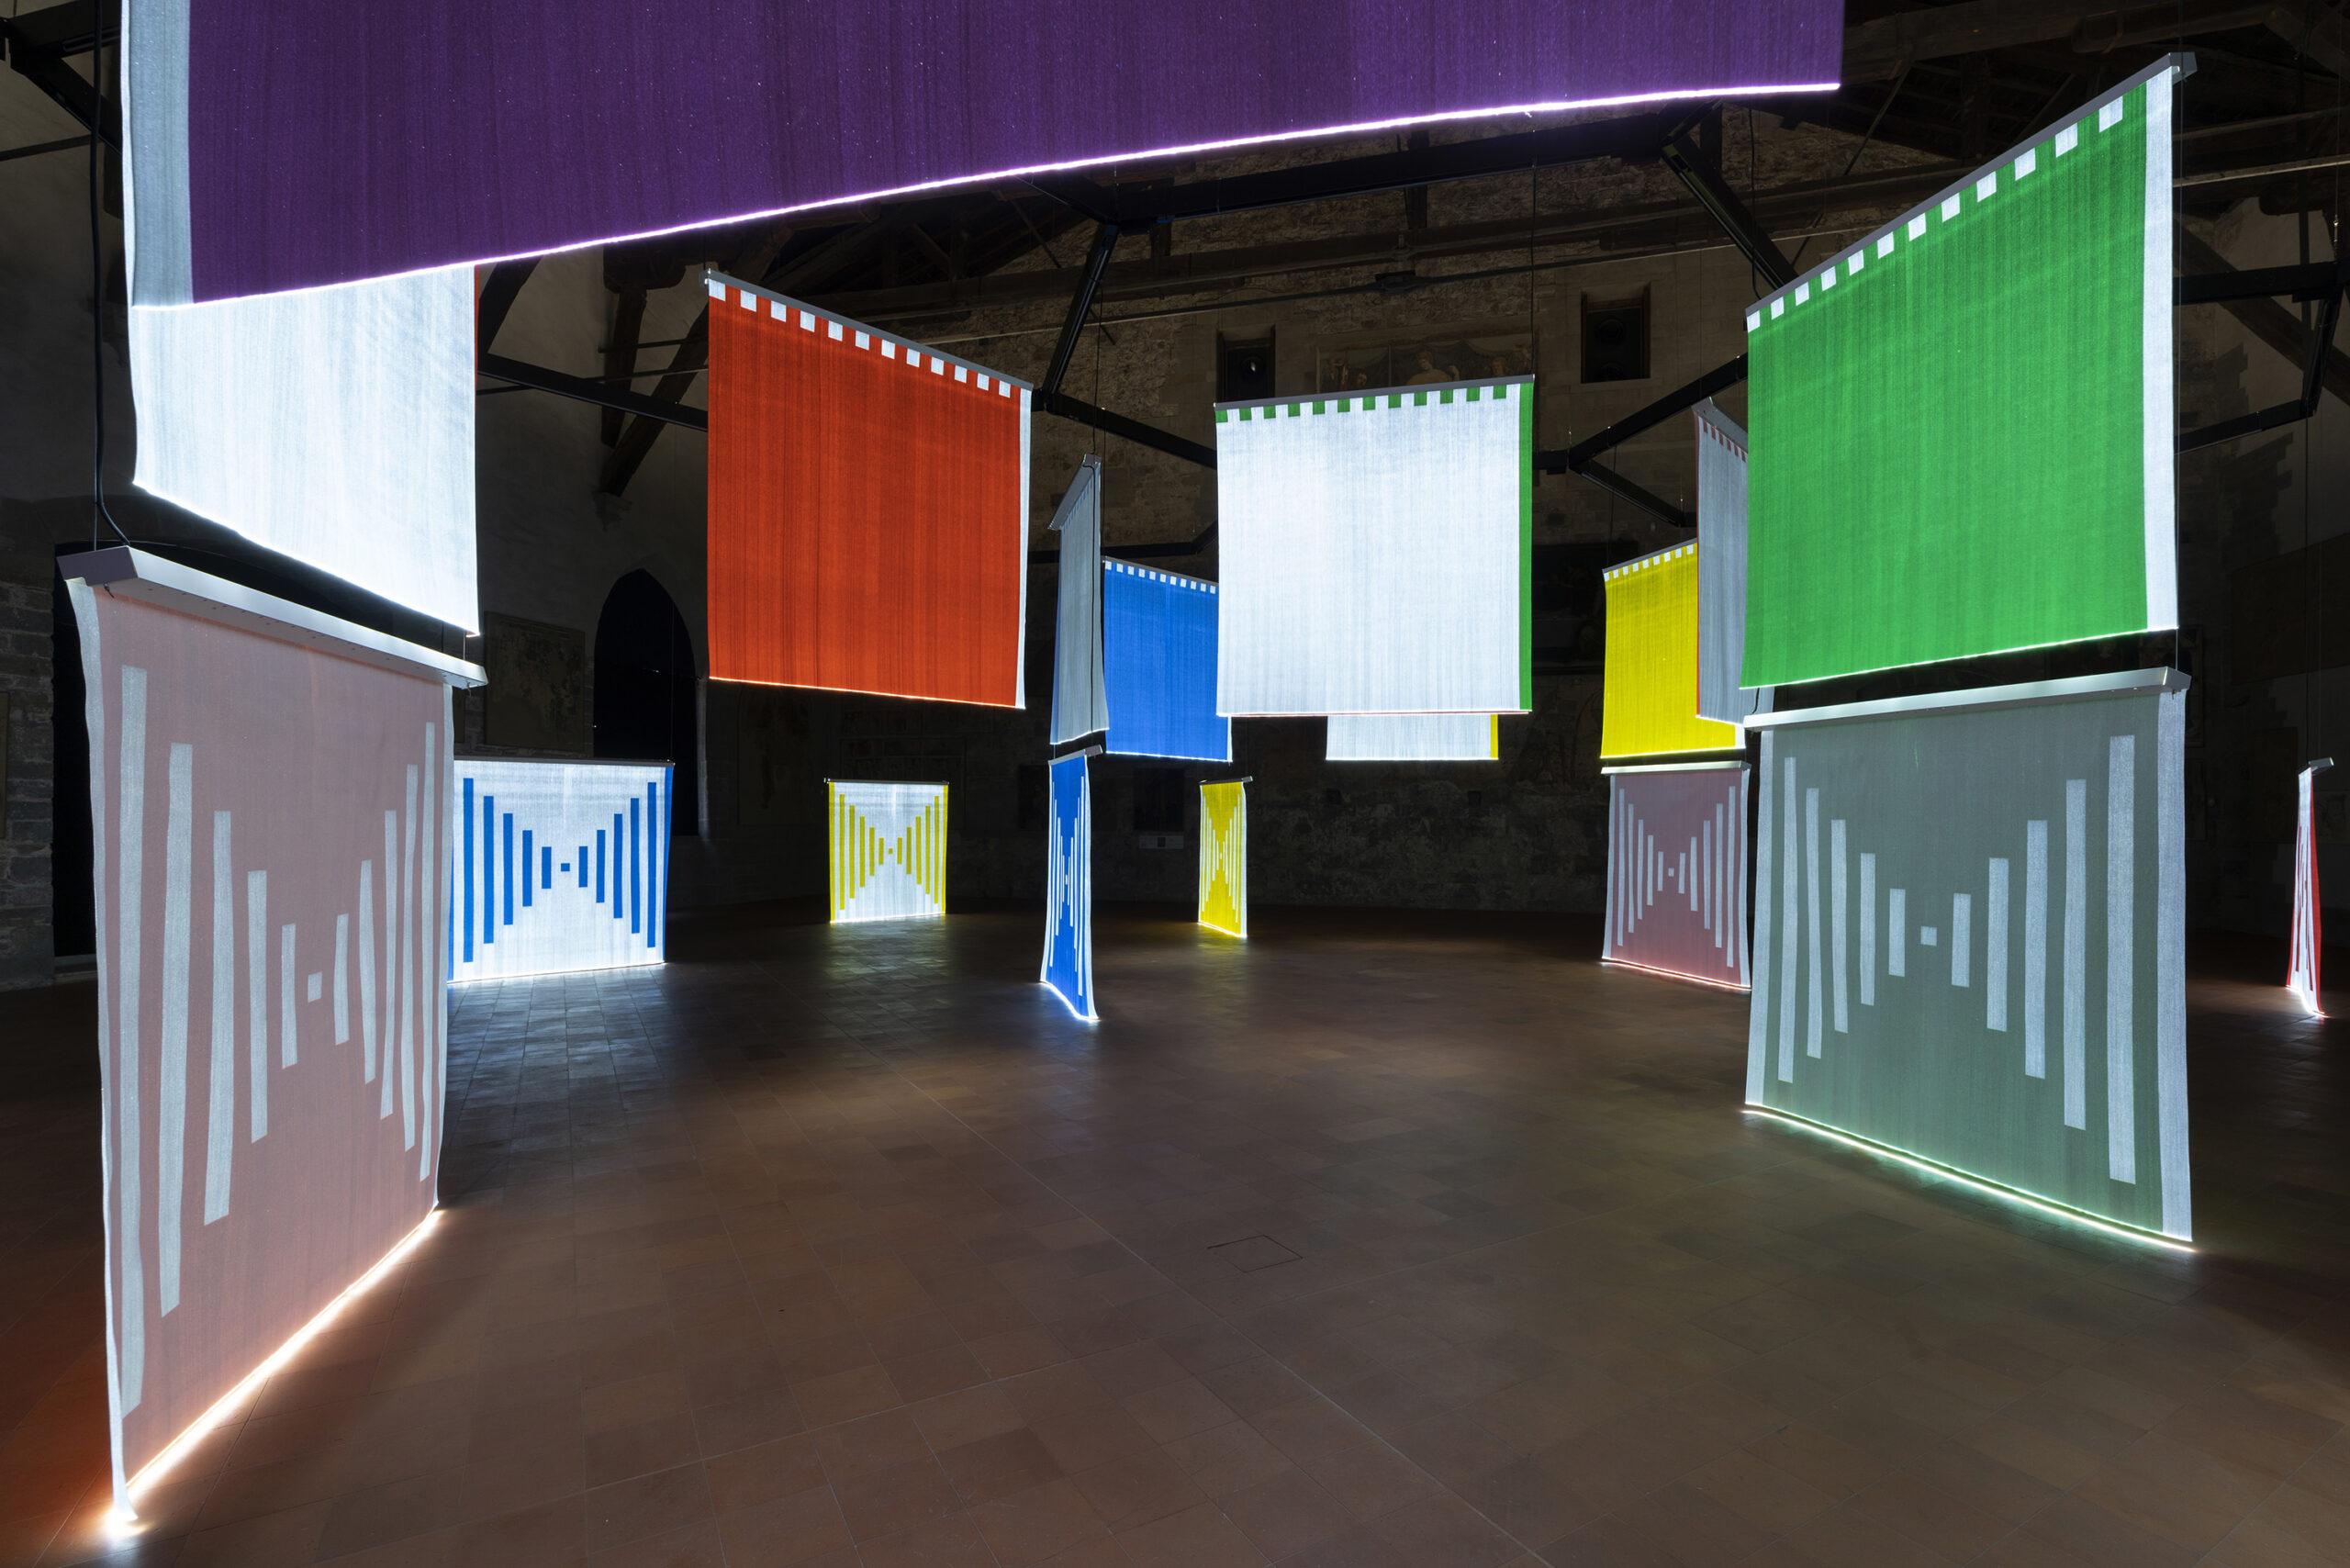 Scintille di speranza su teli illuminati: la mostra di Daniel Buren alla GAMeC di Bergamo